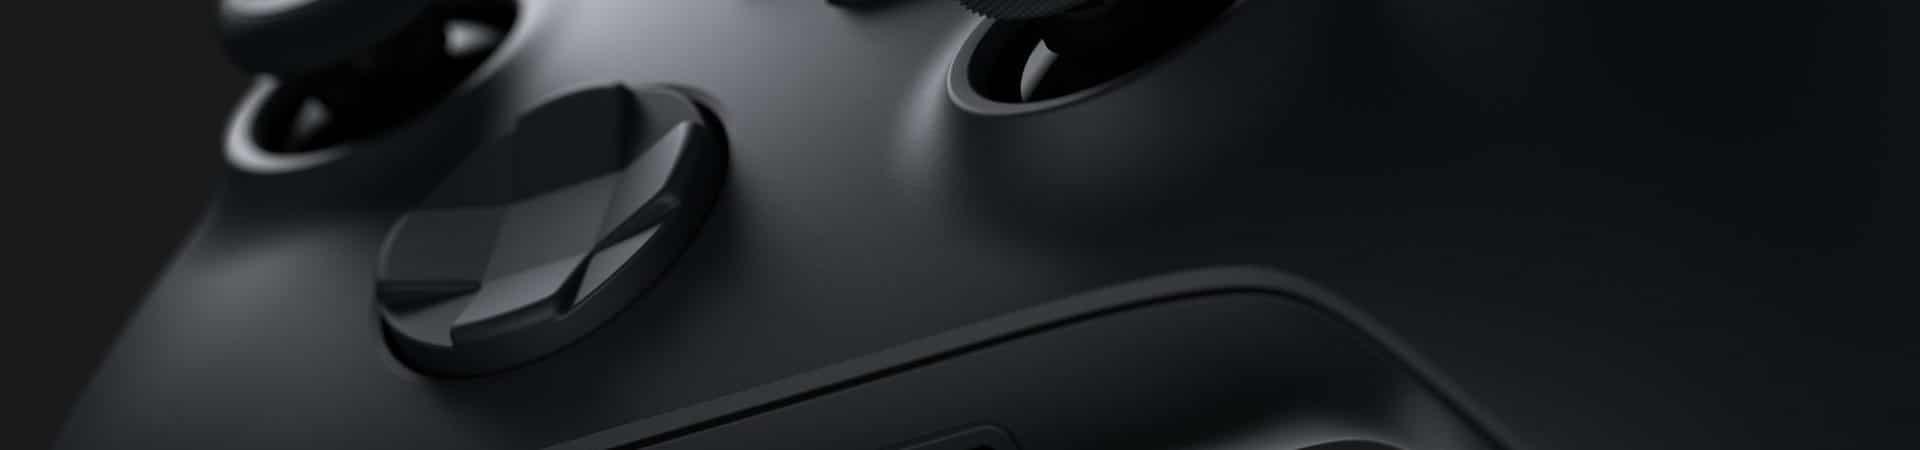 controle do Xbox Series X S